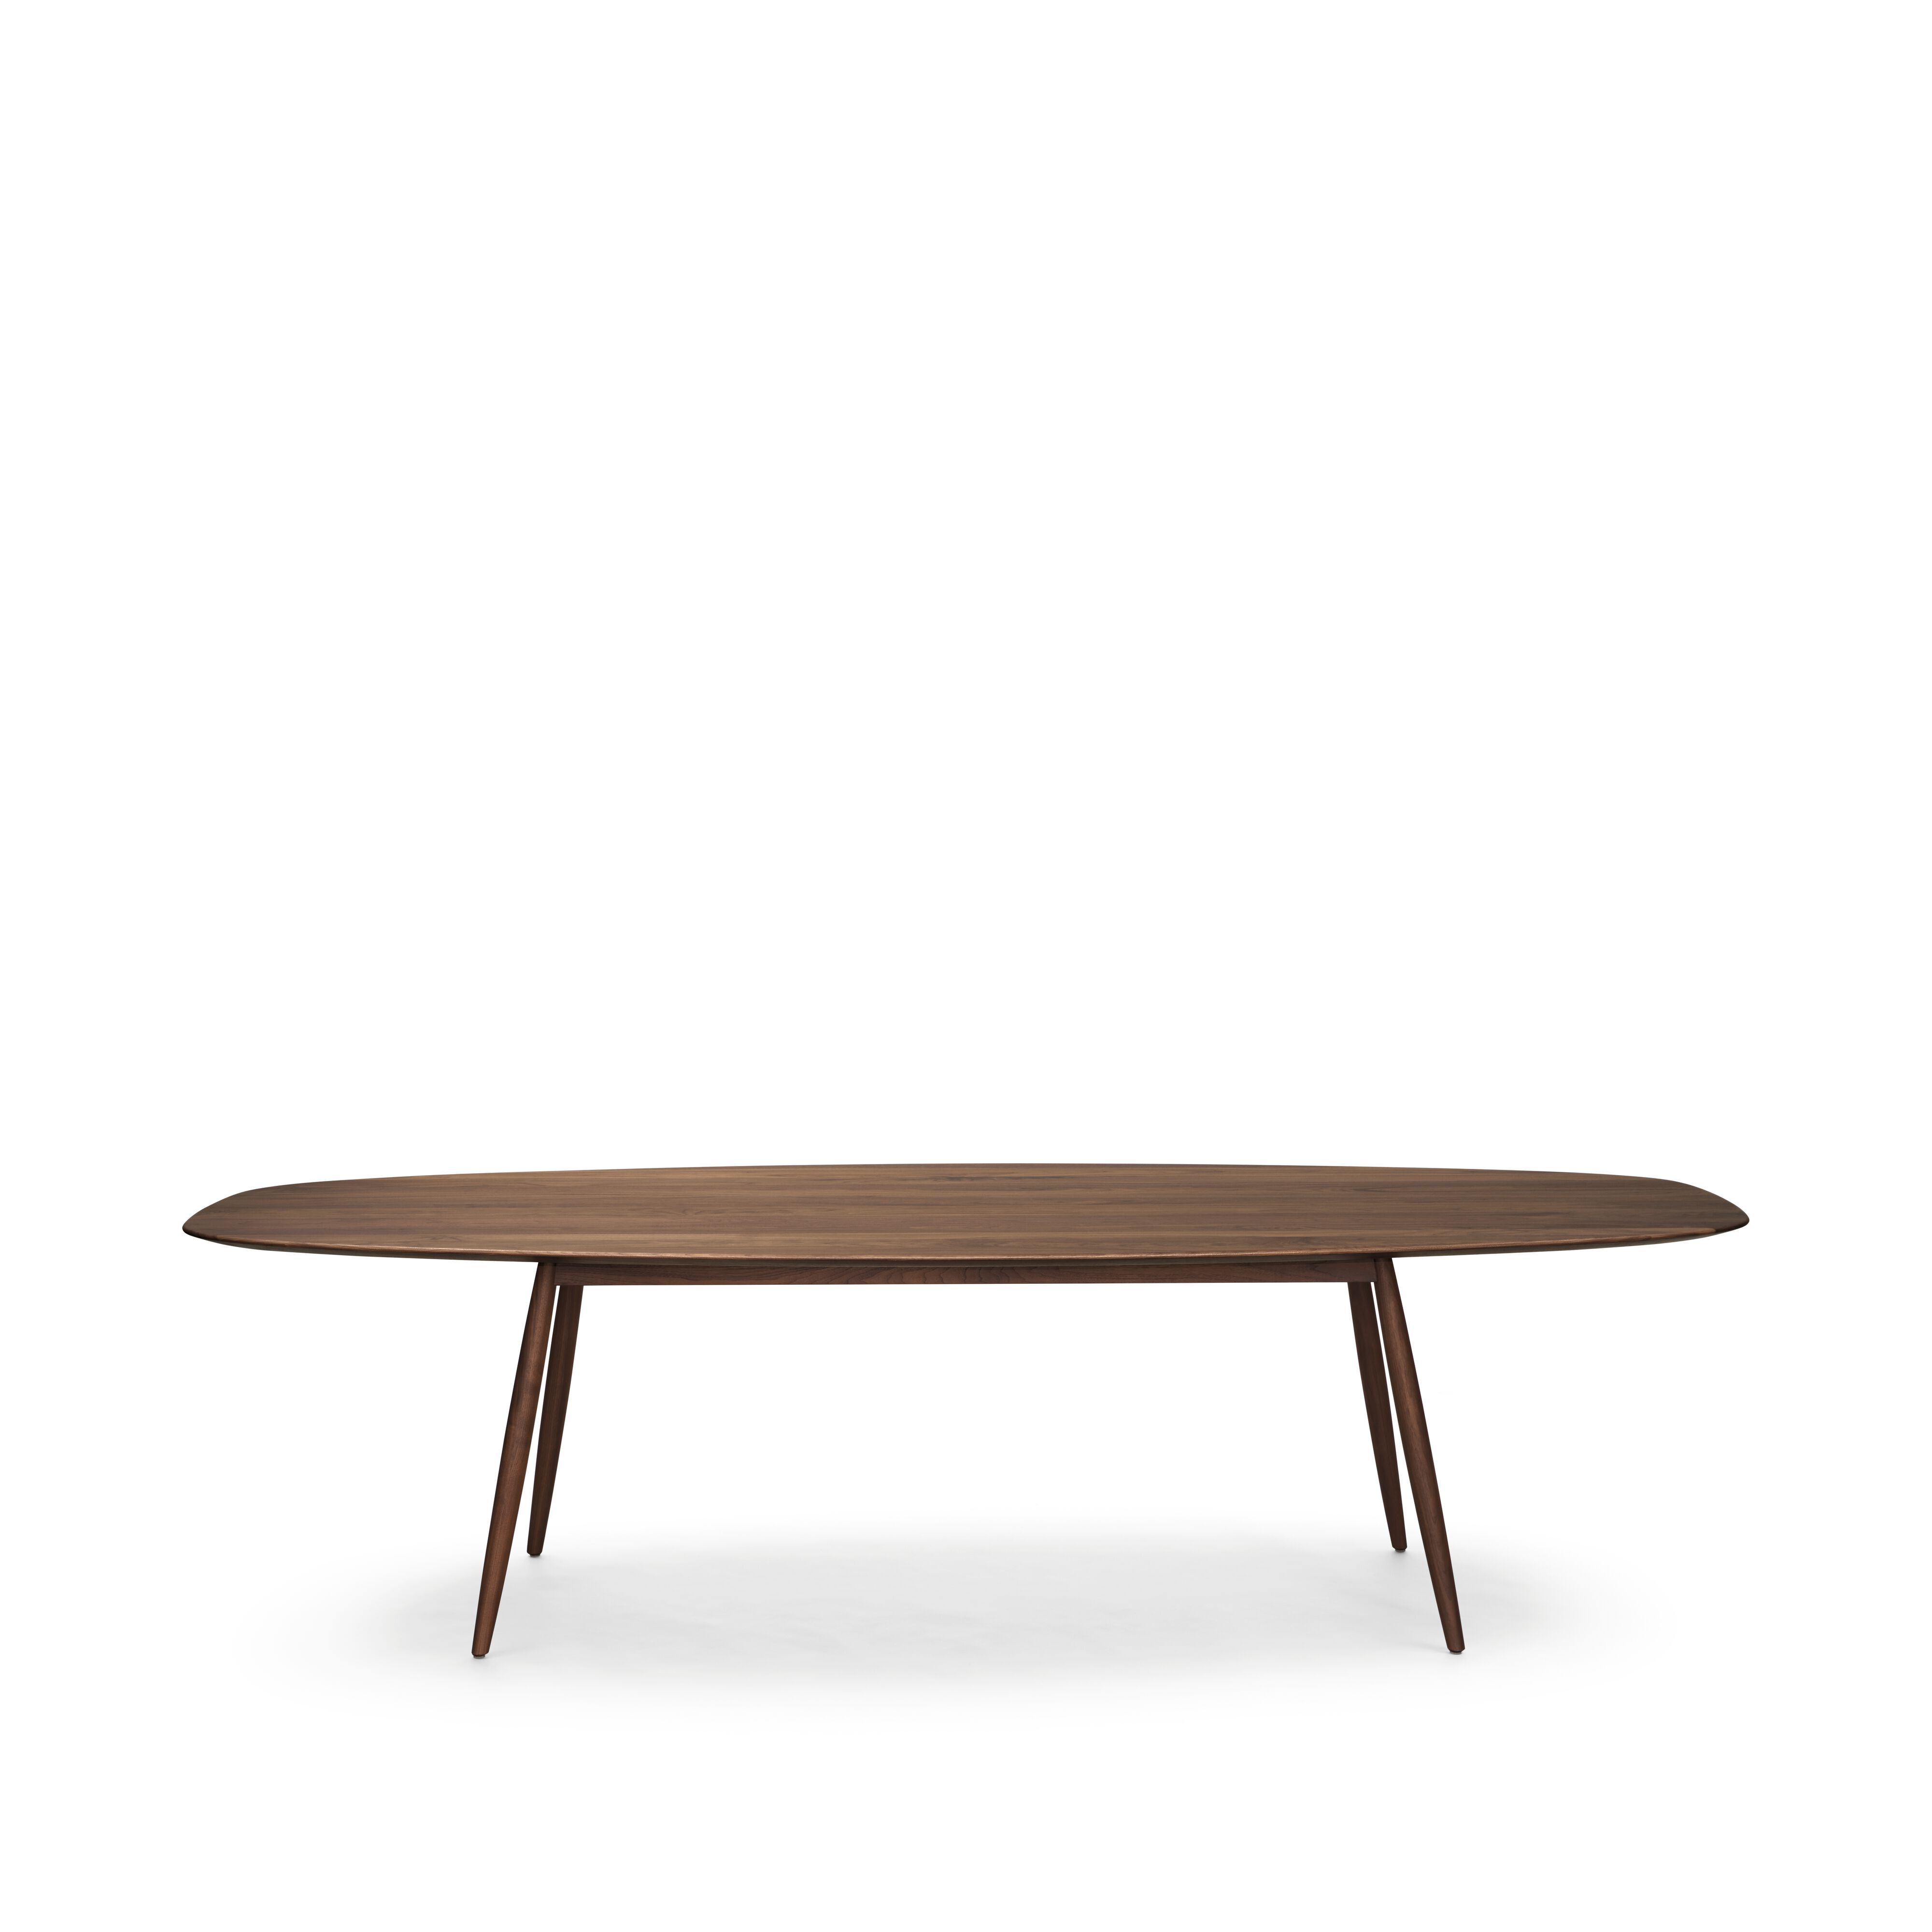 01-WK-Moualla_Table-0004-H.tif